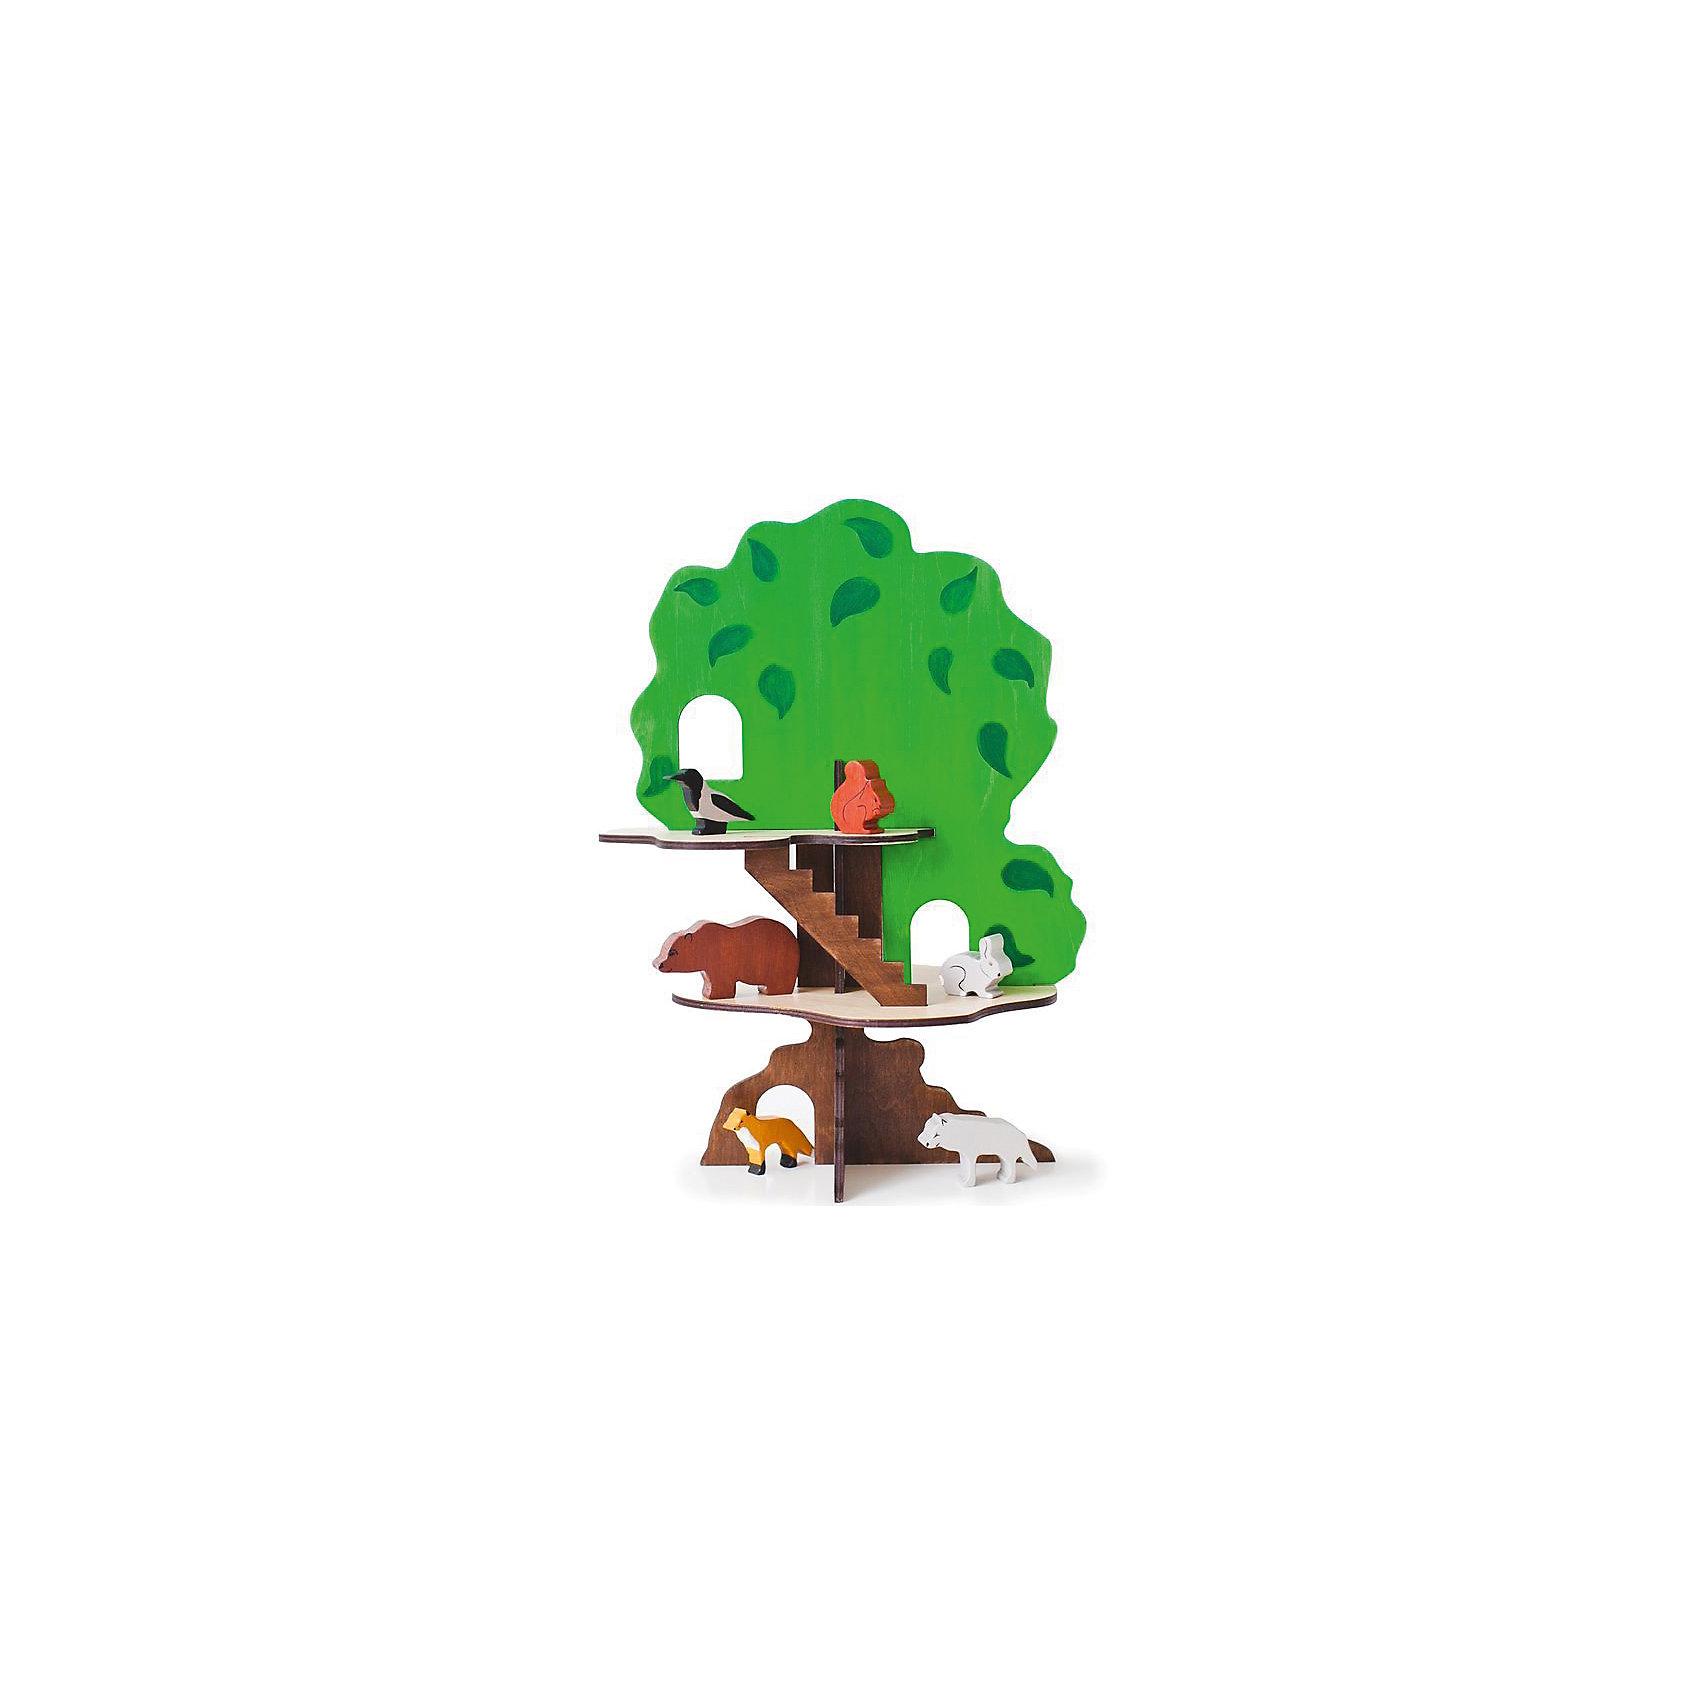 PAREMO Игрушка-конструктор Дом-дерево с 6 фигурками животных, PAREMO дерево гуанабана купить в минске